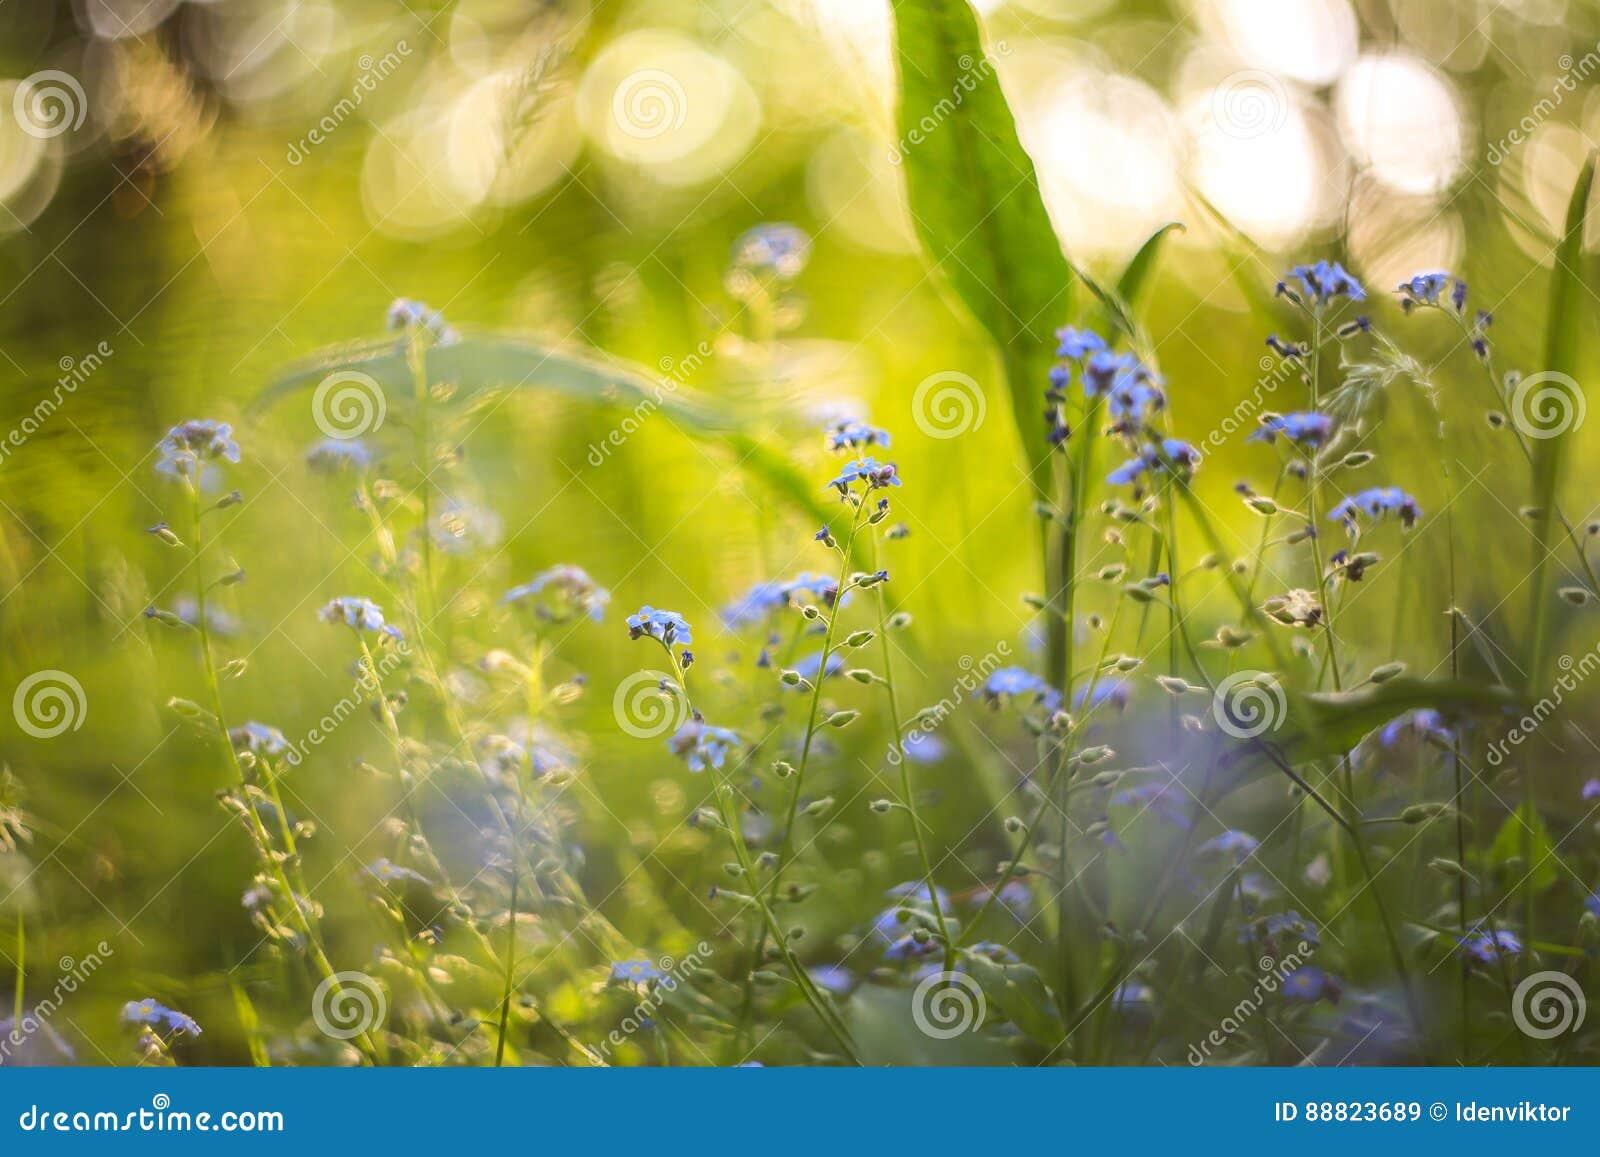 Fundo borrado brilhante abstrato com mola e verão com as flores e as plantas azuis pequenas Com bokeh bonito na luz solar